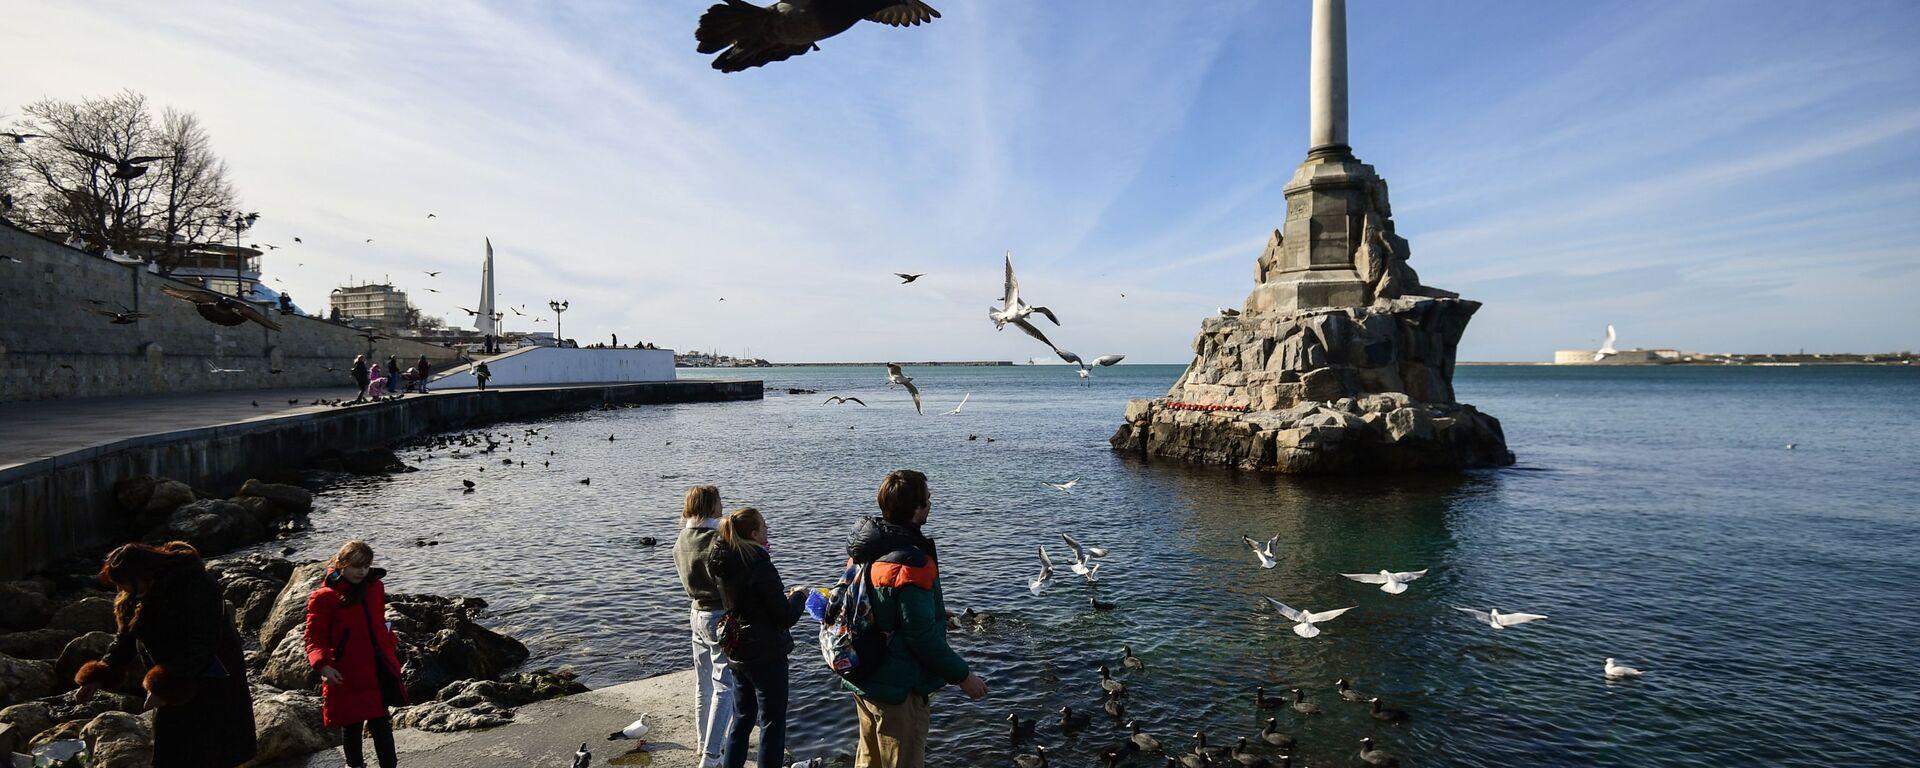 На набережной в Севастополе у памятника Затопленным кораблям - Sputnik Česká republika, 1920, 08.05.2021